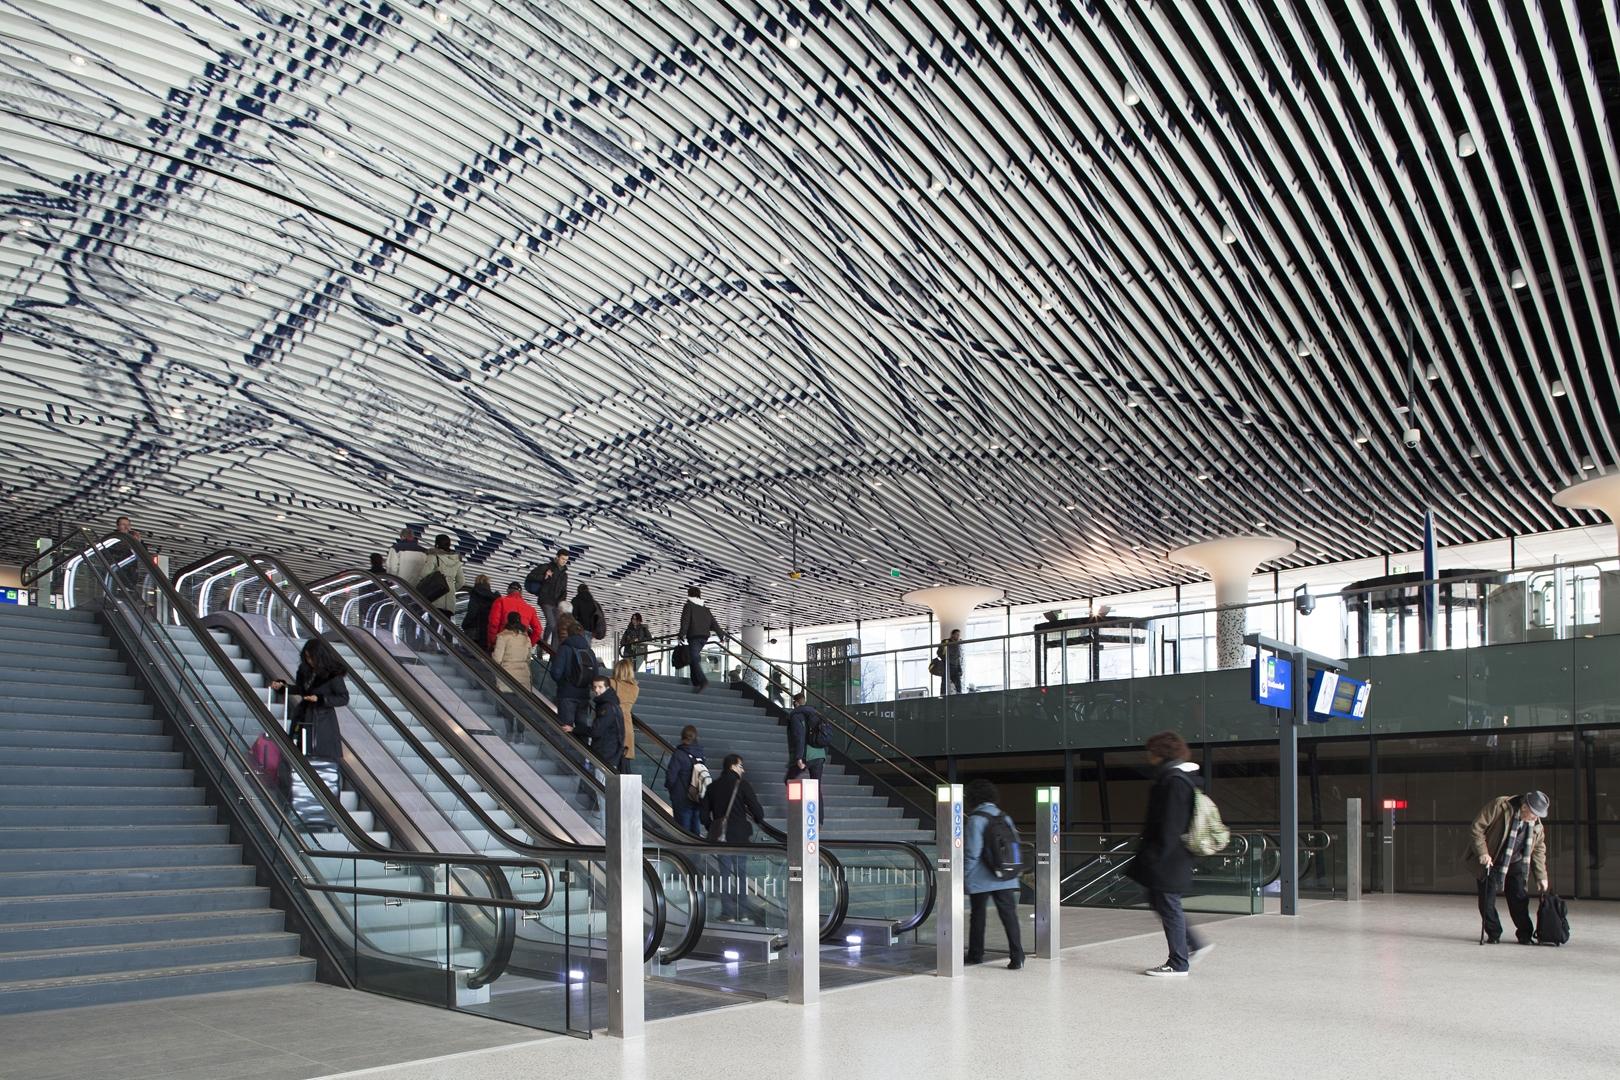 Foto Mecanoo_Stationshal Delft_15 (Copy)